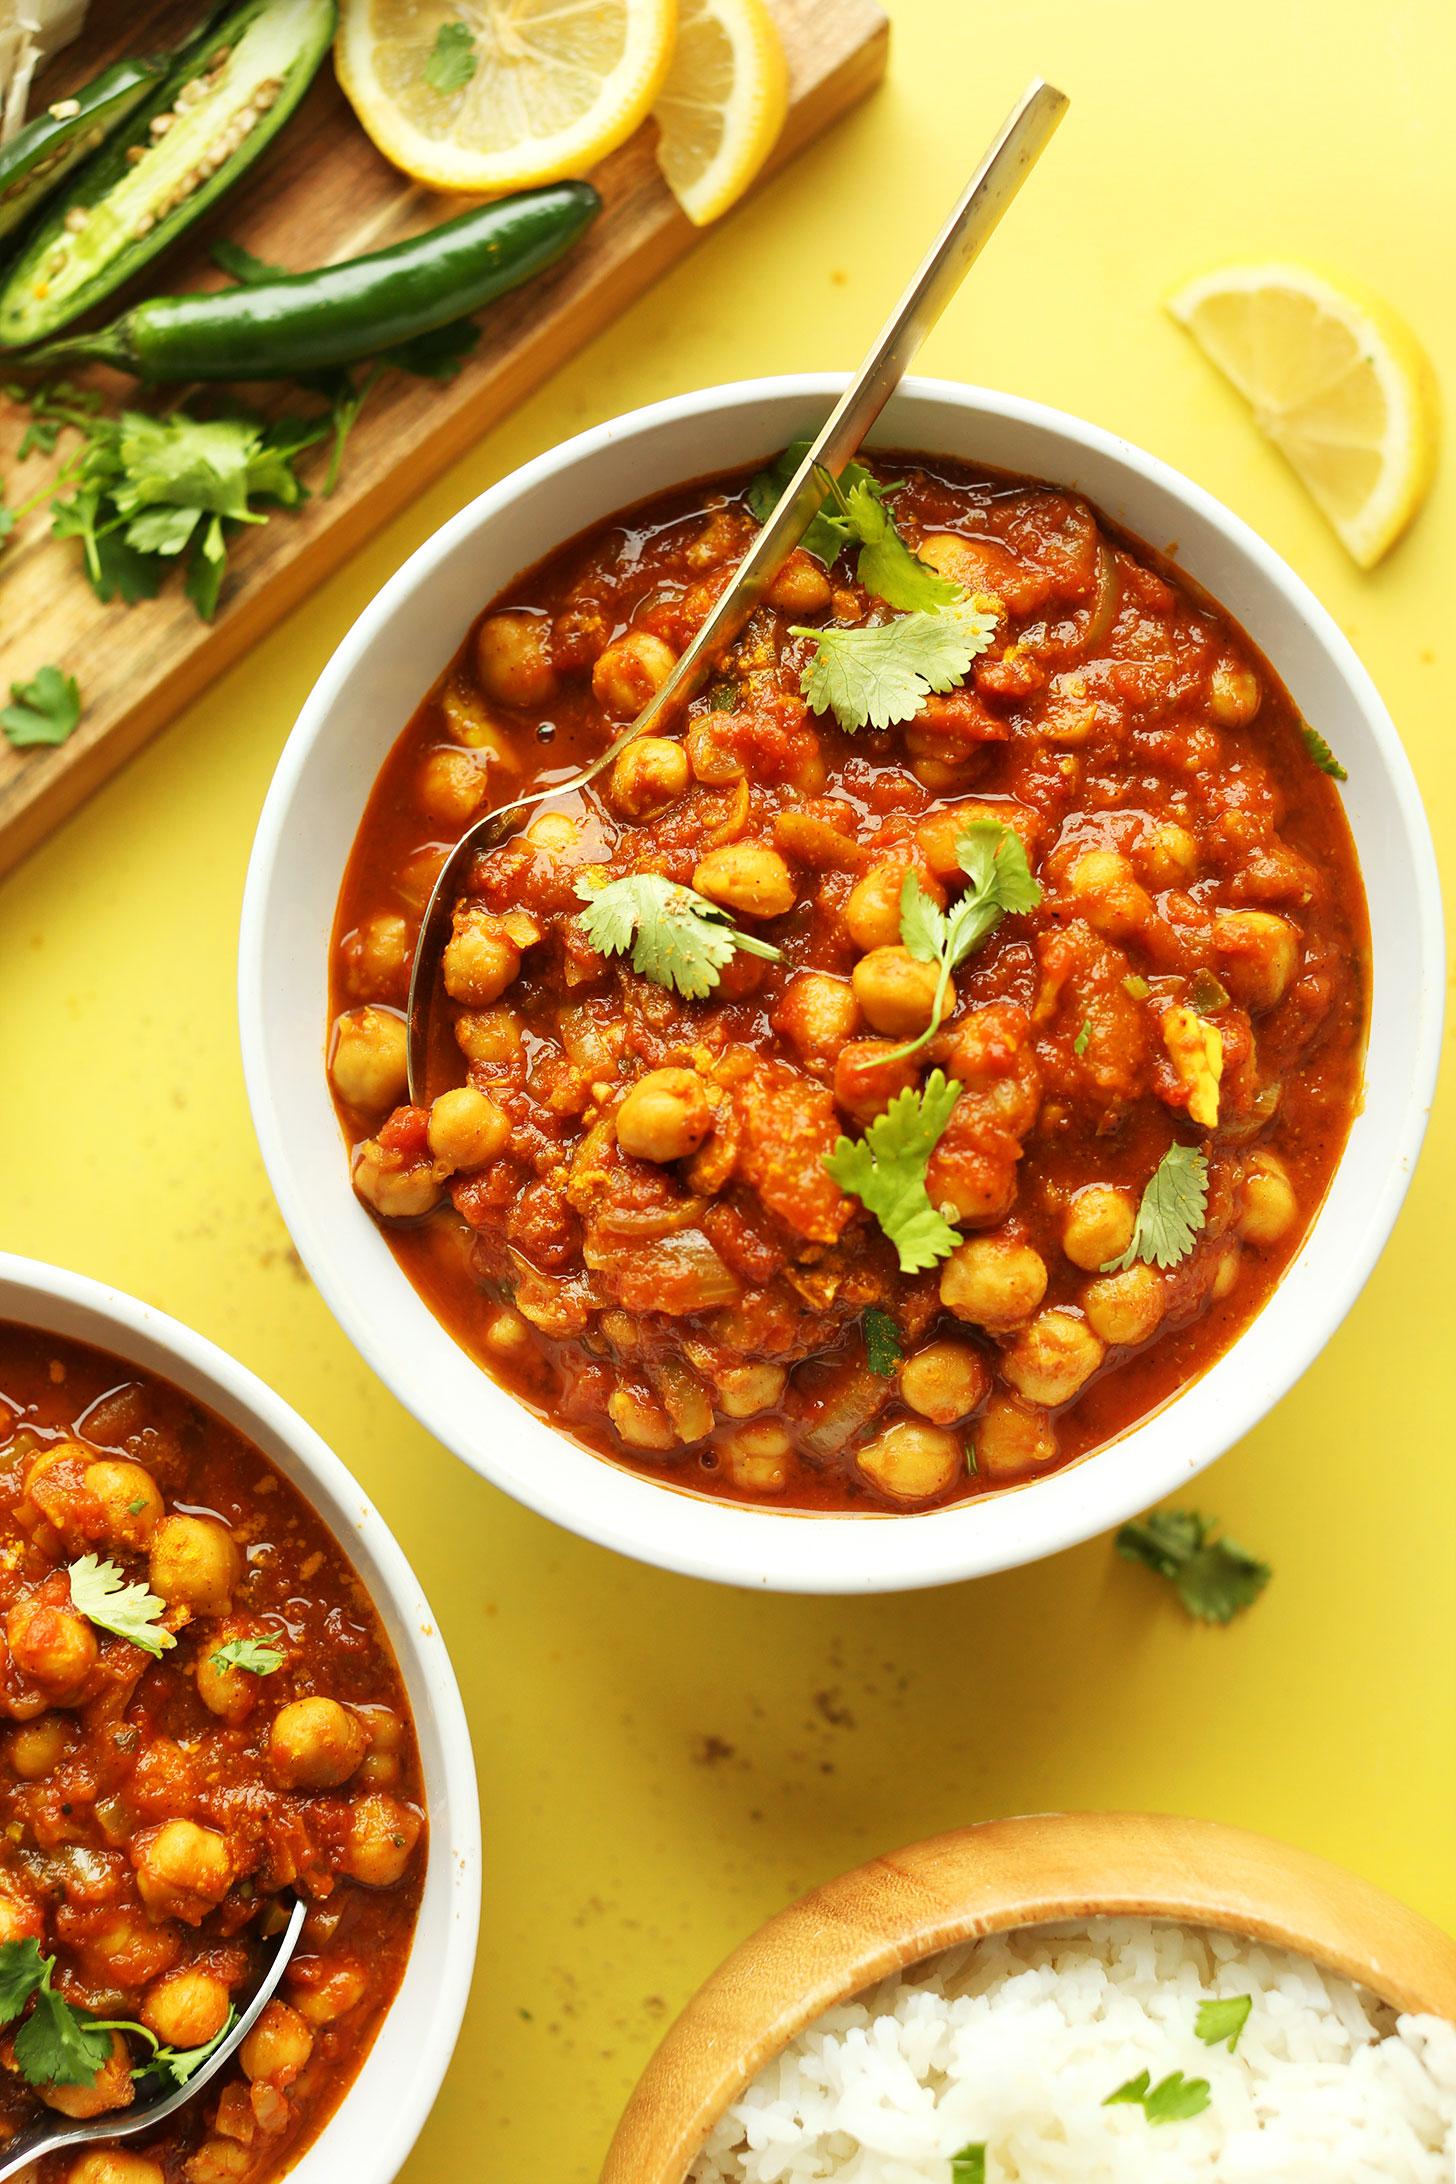 Six Delicious Vegan Recipes - Easy Chana Masala | Minimalist Baker